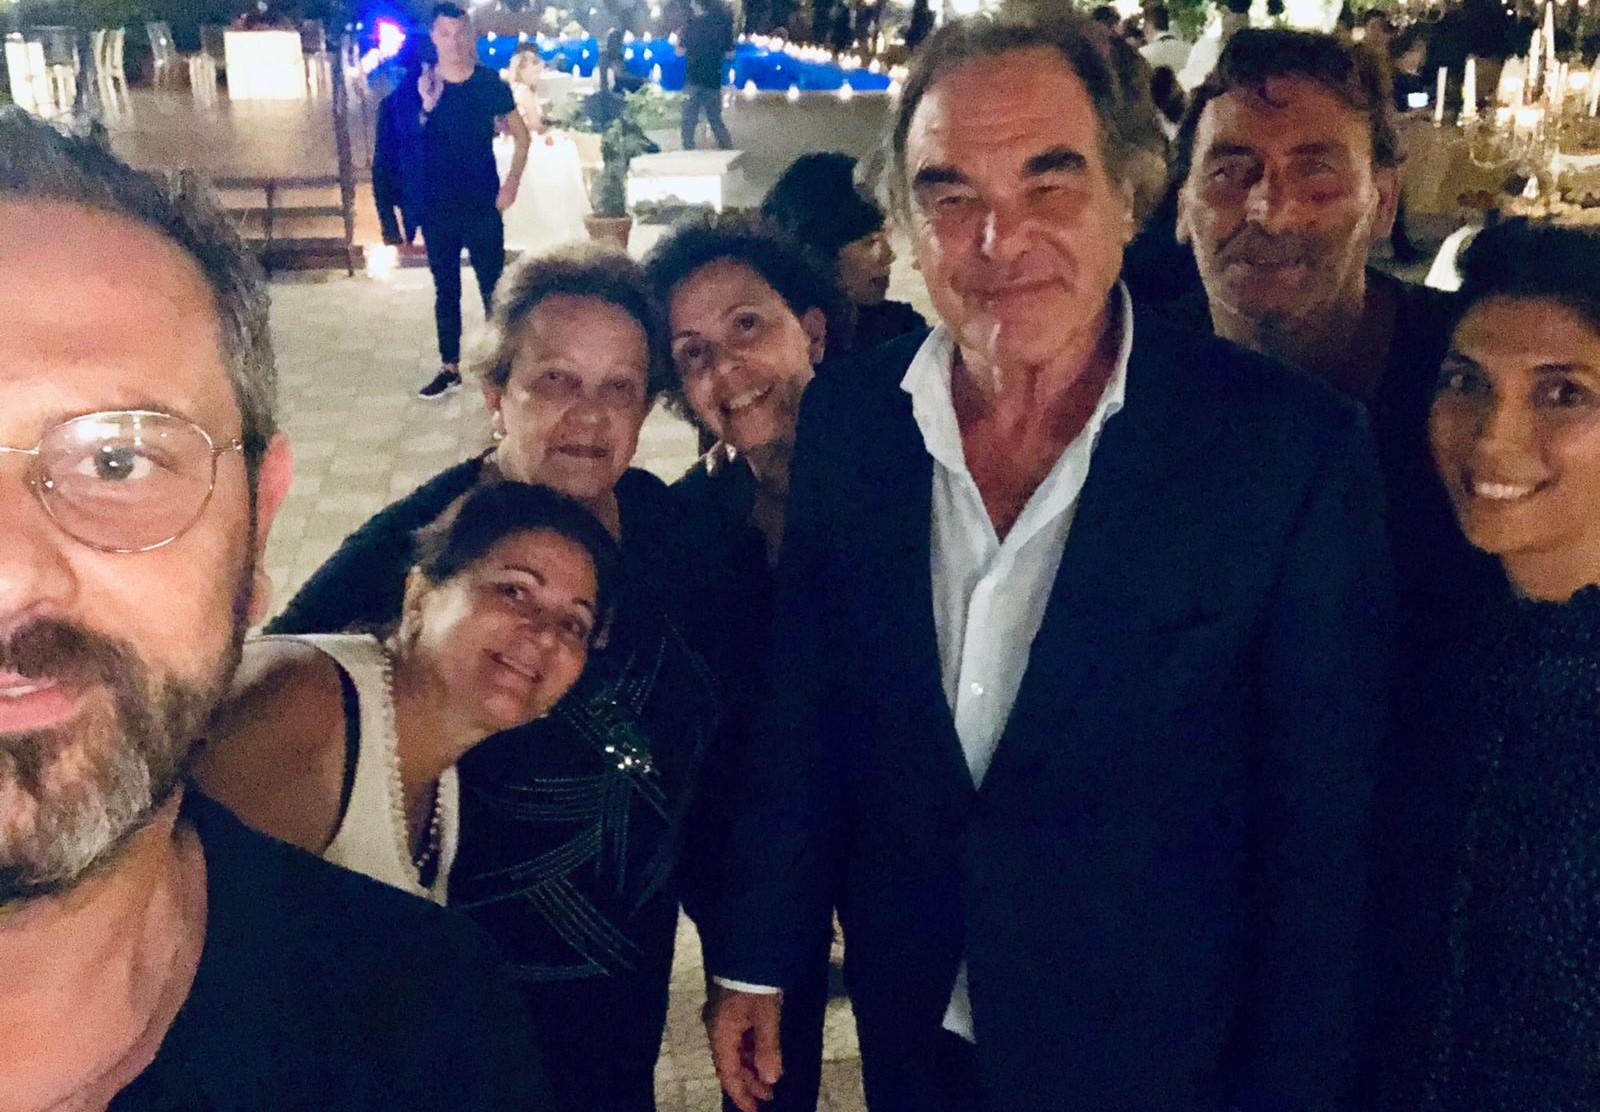 Il party di Oliver Stone a Taormina: gli allestimenti curati dal comisano Luca Melilli